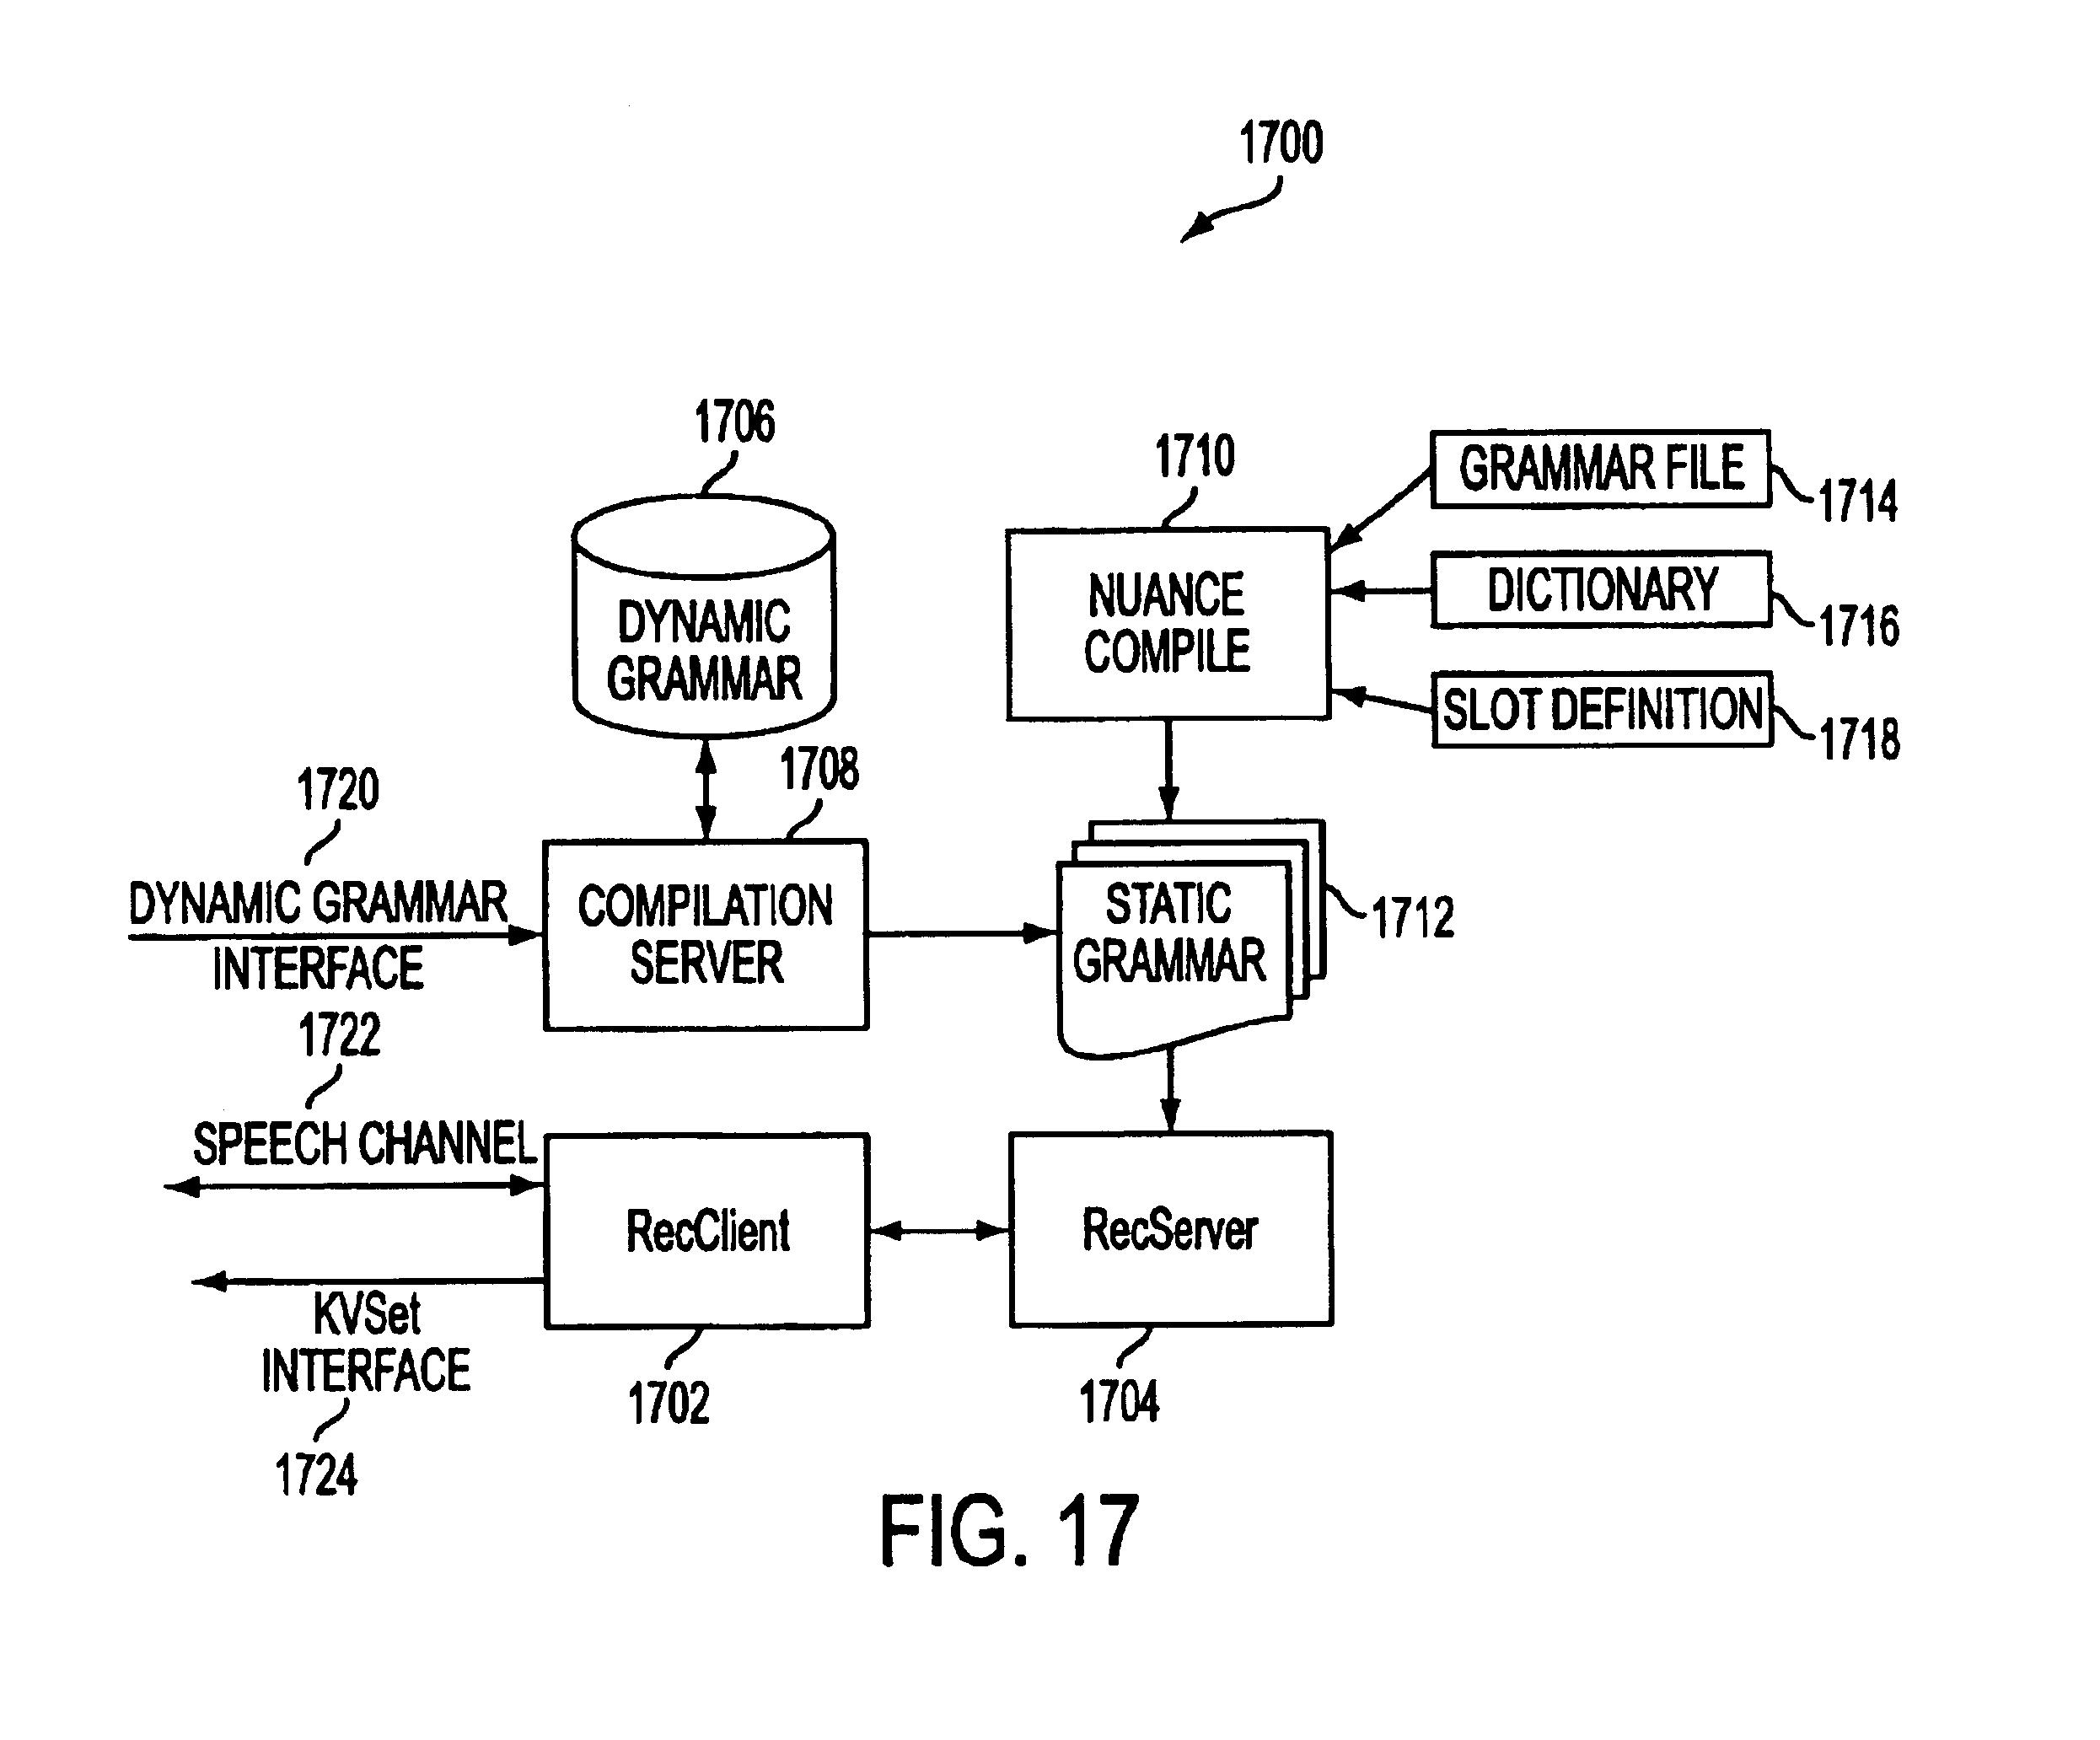 Patent Us 6792086 B1 Pickit 2 Circuit Diagram 0 Petitions